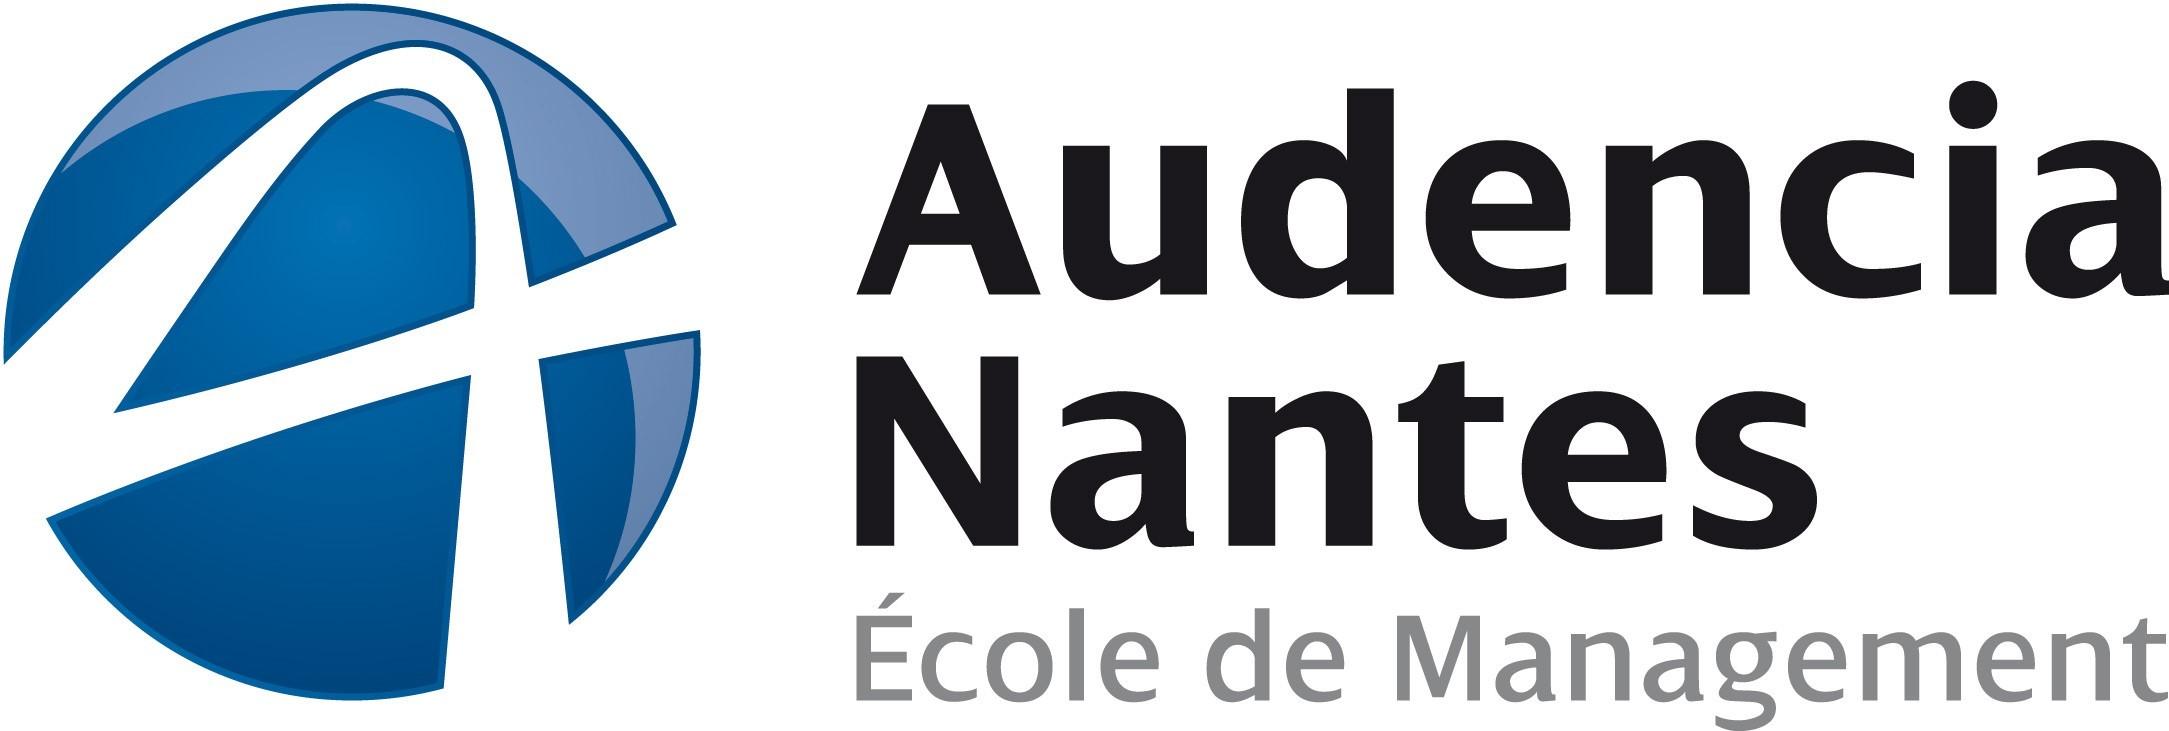 La réaccréditation EQUIS pour 5 ans renforce la triple couronne d'Audencia